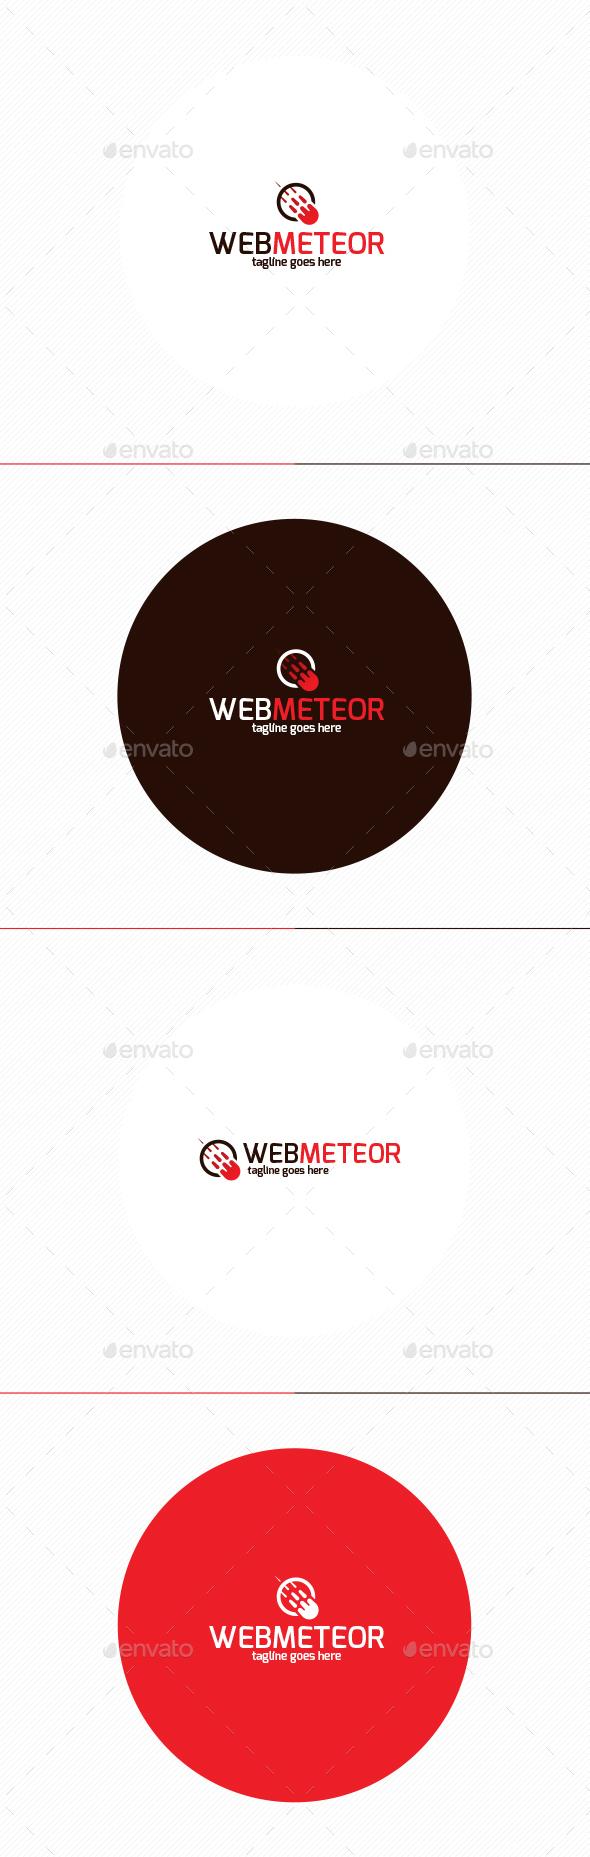 Web Meteor Logo - Vector Abstract